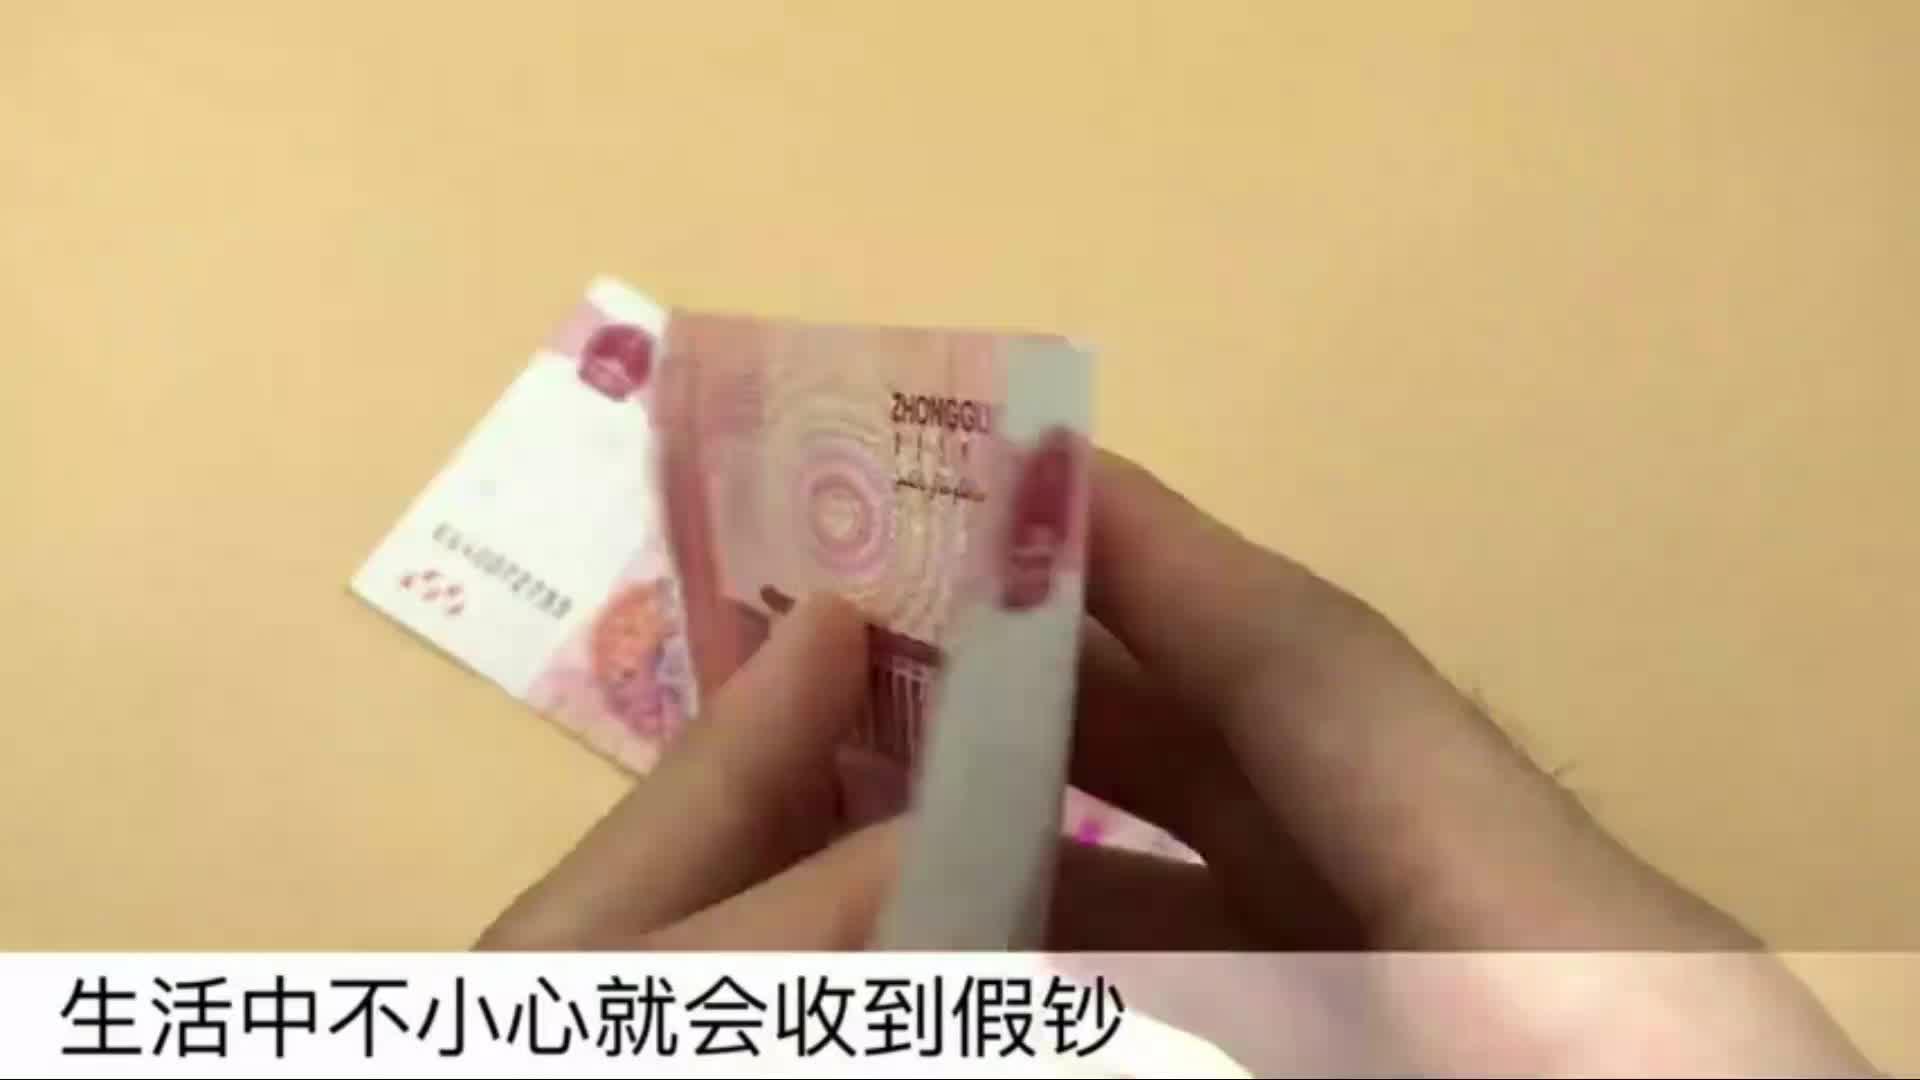 #生活妙招#钞票对折一下就能辨别真假,再也不怕收到假币了